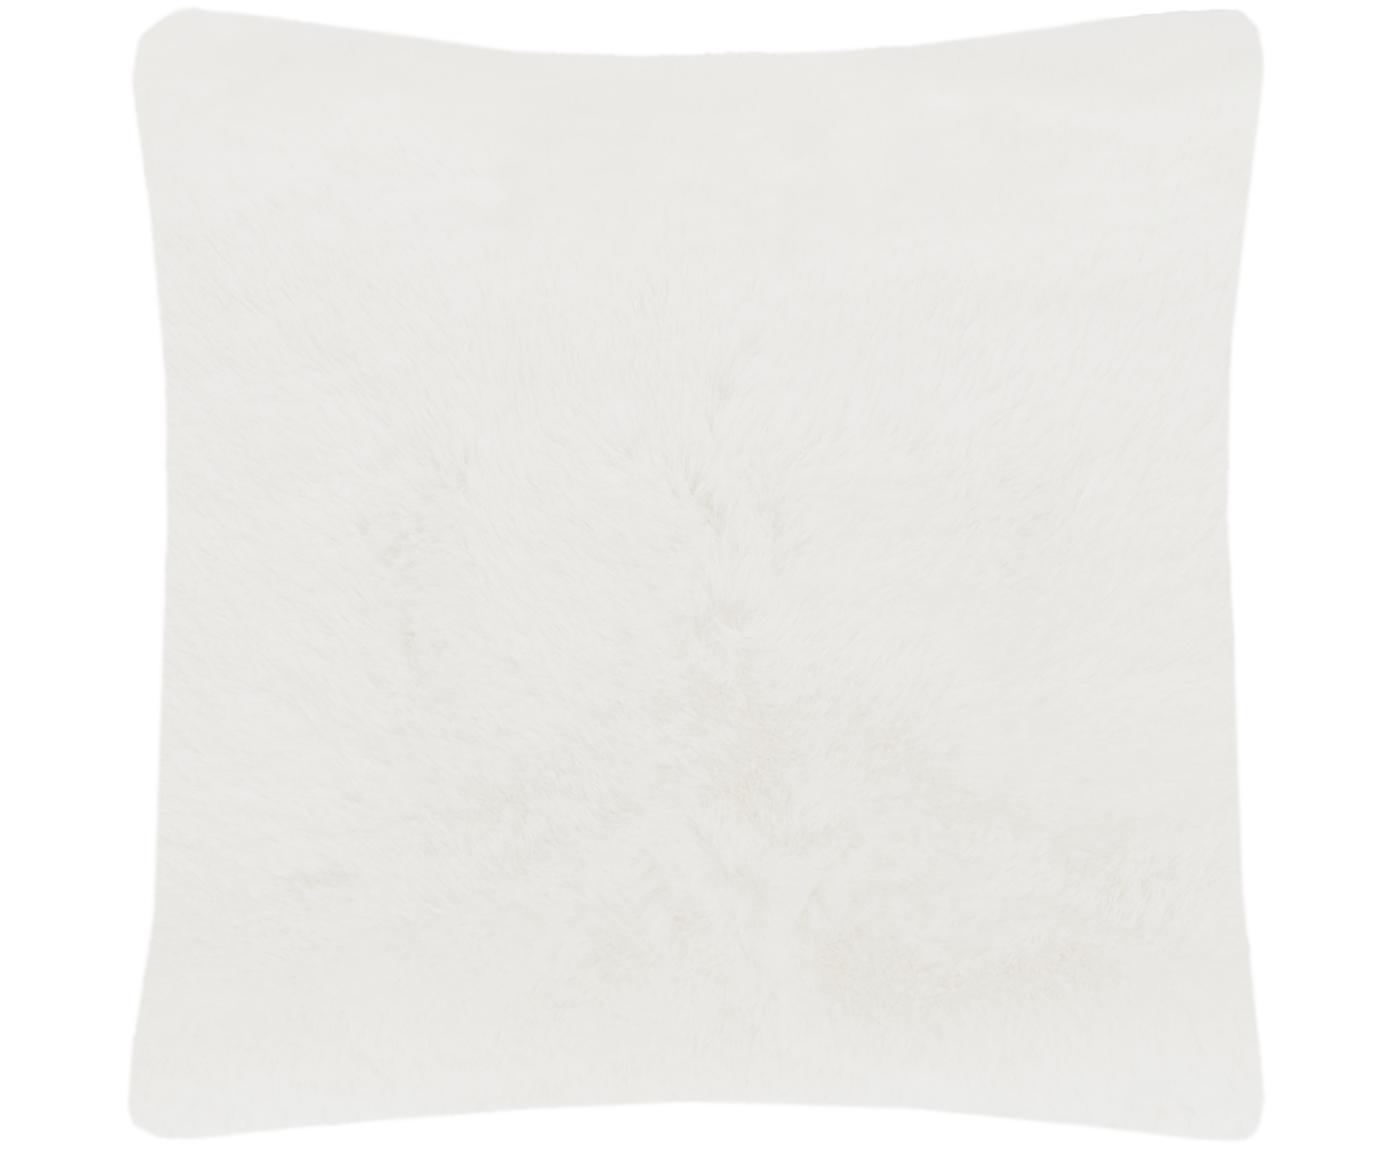 Sehr flauschige Kunstfell-Kissenhülle Mette, glatt, Vorderseite: 100% Polyester, Rückseite: 100% Polyester, Creme, 45 x 45 cm